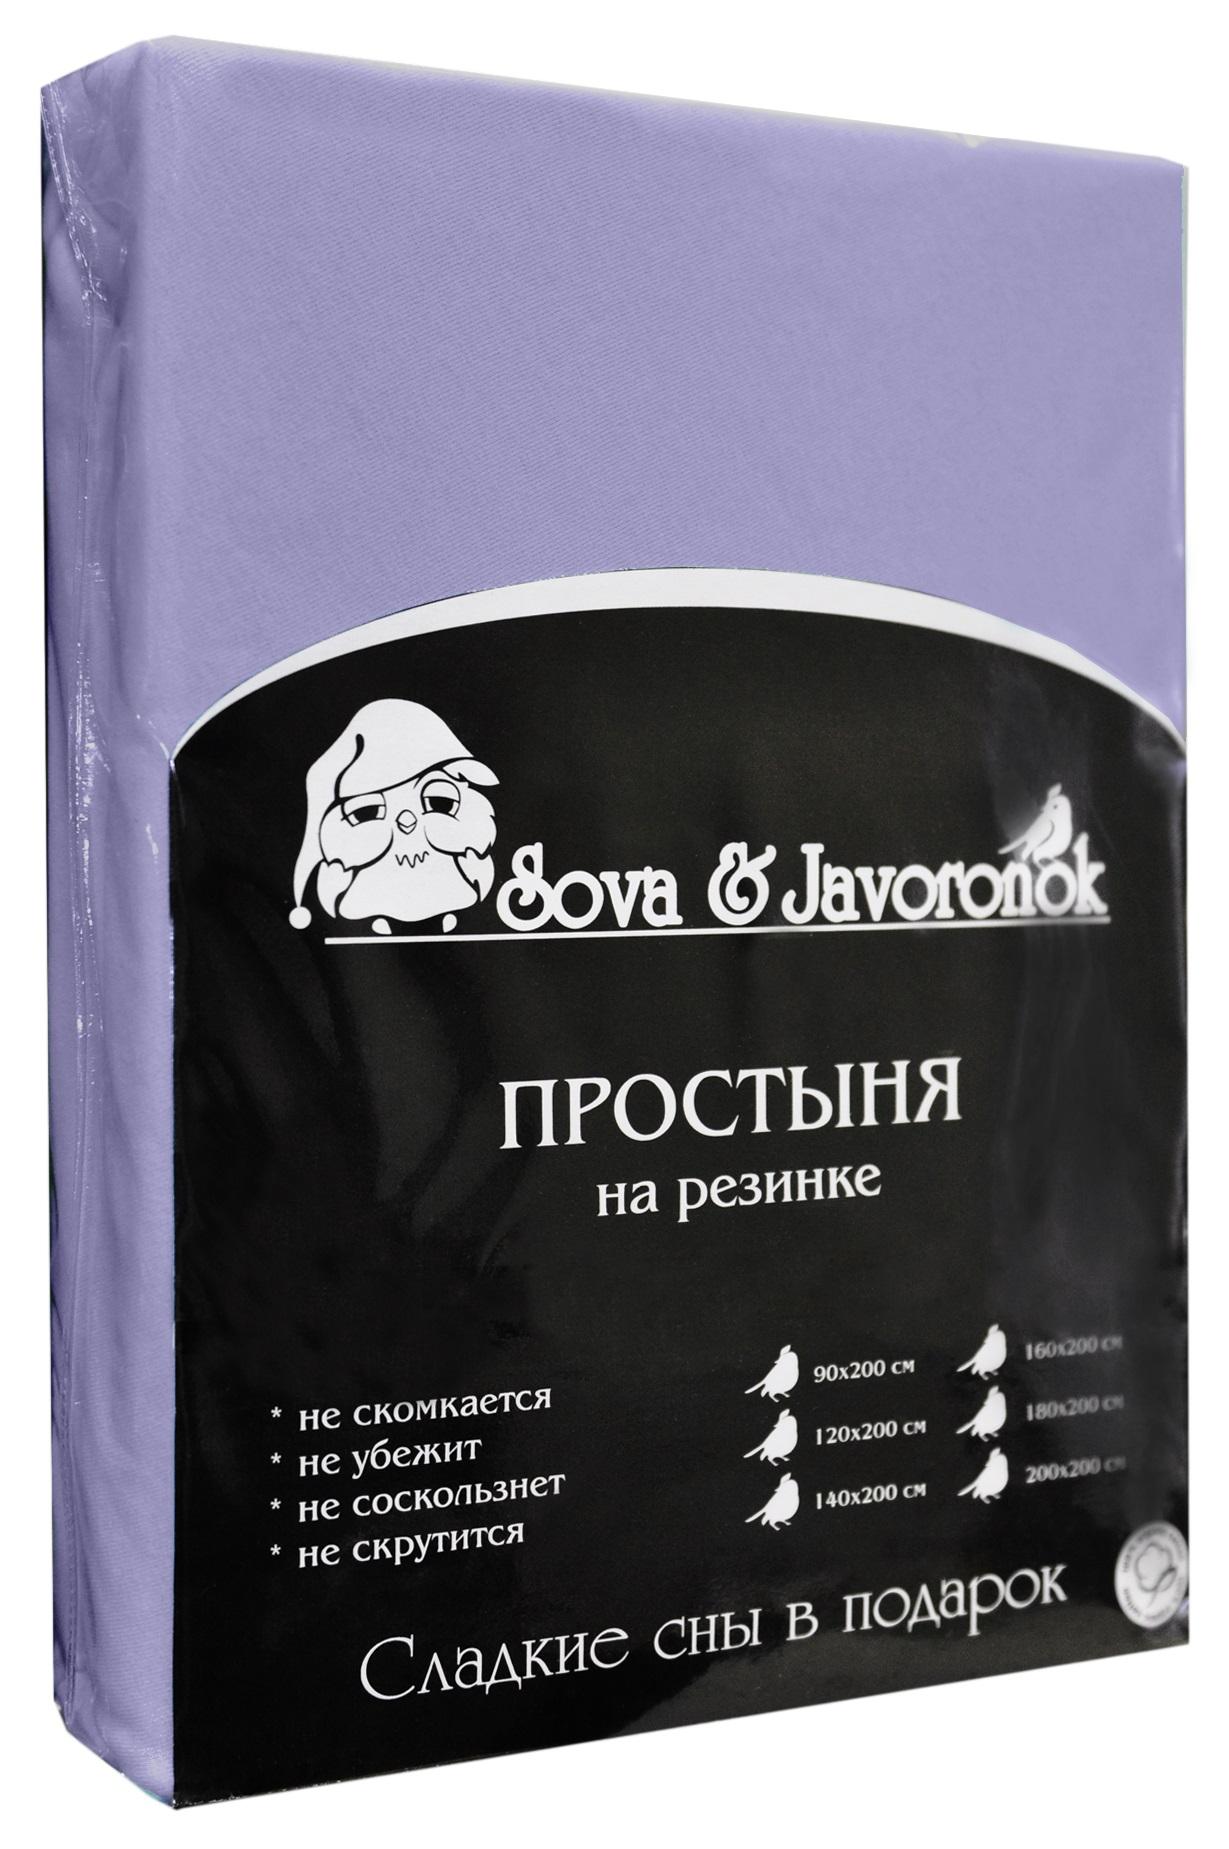 Простыня на резинке Sova & Javoronok, цвет: фиолетовый, 200 см х 200 см0803113882Простыня на резинке Sova & Javoronok, изготовленная из трикотажной ткани (100% хлопок), будет превосходно смотреться с любыми комплектами белья. Хлопчатобумажный трикотаж по праву считается одним из самых качественных, прочных и при этом приятных на ощупь. Его гигиеничность позволяет использовать простыню и в детских комнатах, к тому же 100%-ый хлопок в составе ткани не вызовет аллергии. У трикотажного полотна очень интересная структура, немного рыхлая за счет отсутствия плотного переплетения нитей и наличия особых петель, благодаря этому простыня Сова и Жаворонок отлично пропускает воздух и способствует его постоянной циркуляции. Поэтому ваша постель будет всегда оставаться свежей. Но главное и, пожалуй, самое известное свойство трикотажа - это его великолепная растяжимость, поэтому эта ткань и была выбрана для натяжной простыни на резинке.Простыня прошита резинкой по всему периметру, что обеспечивает более комфортный отдых, так как она прочно удерживается на матрасе и избавляет от необходимости часто поправлять простыню.